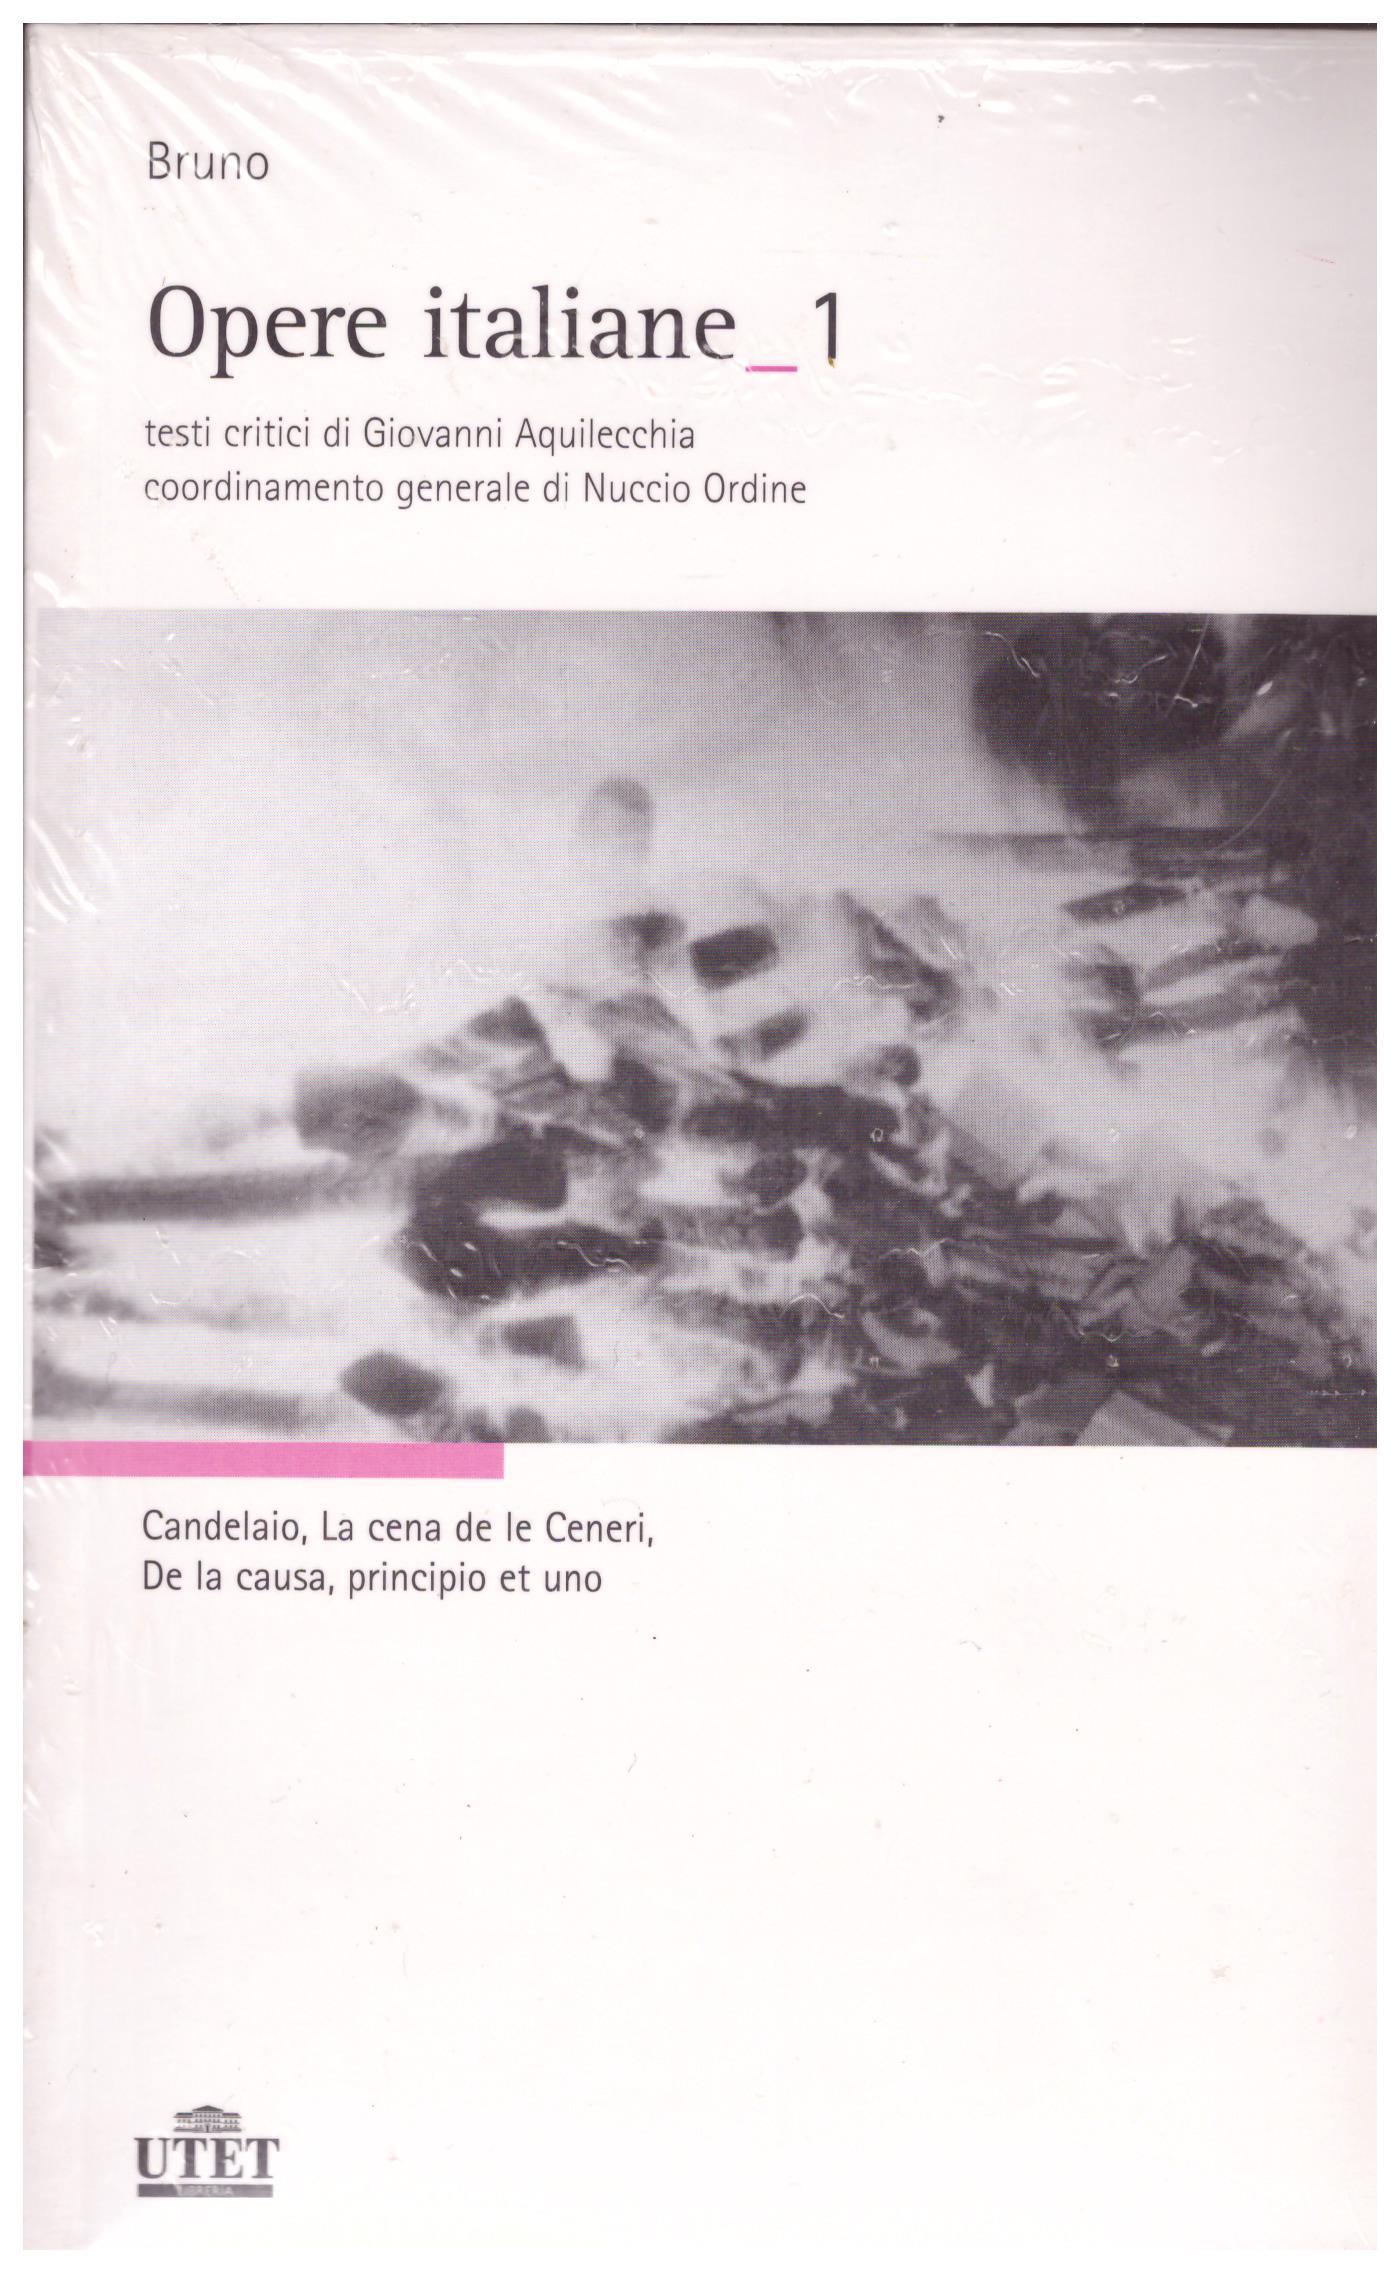 Titolo: Opere italiane in 2 volumi Autore: Giordano Bruno Editore: Utet 2006